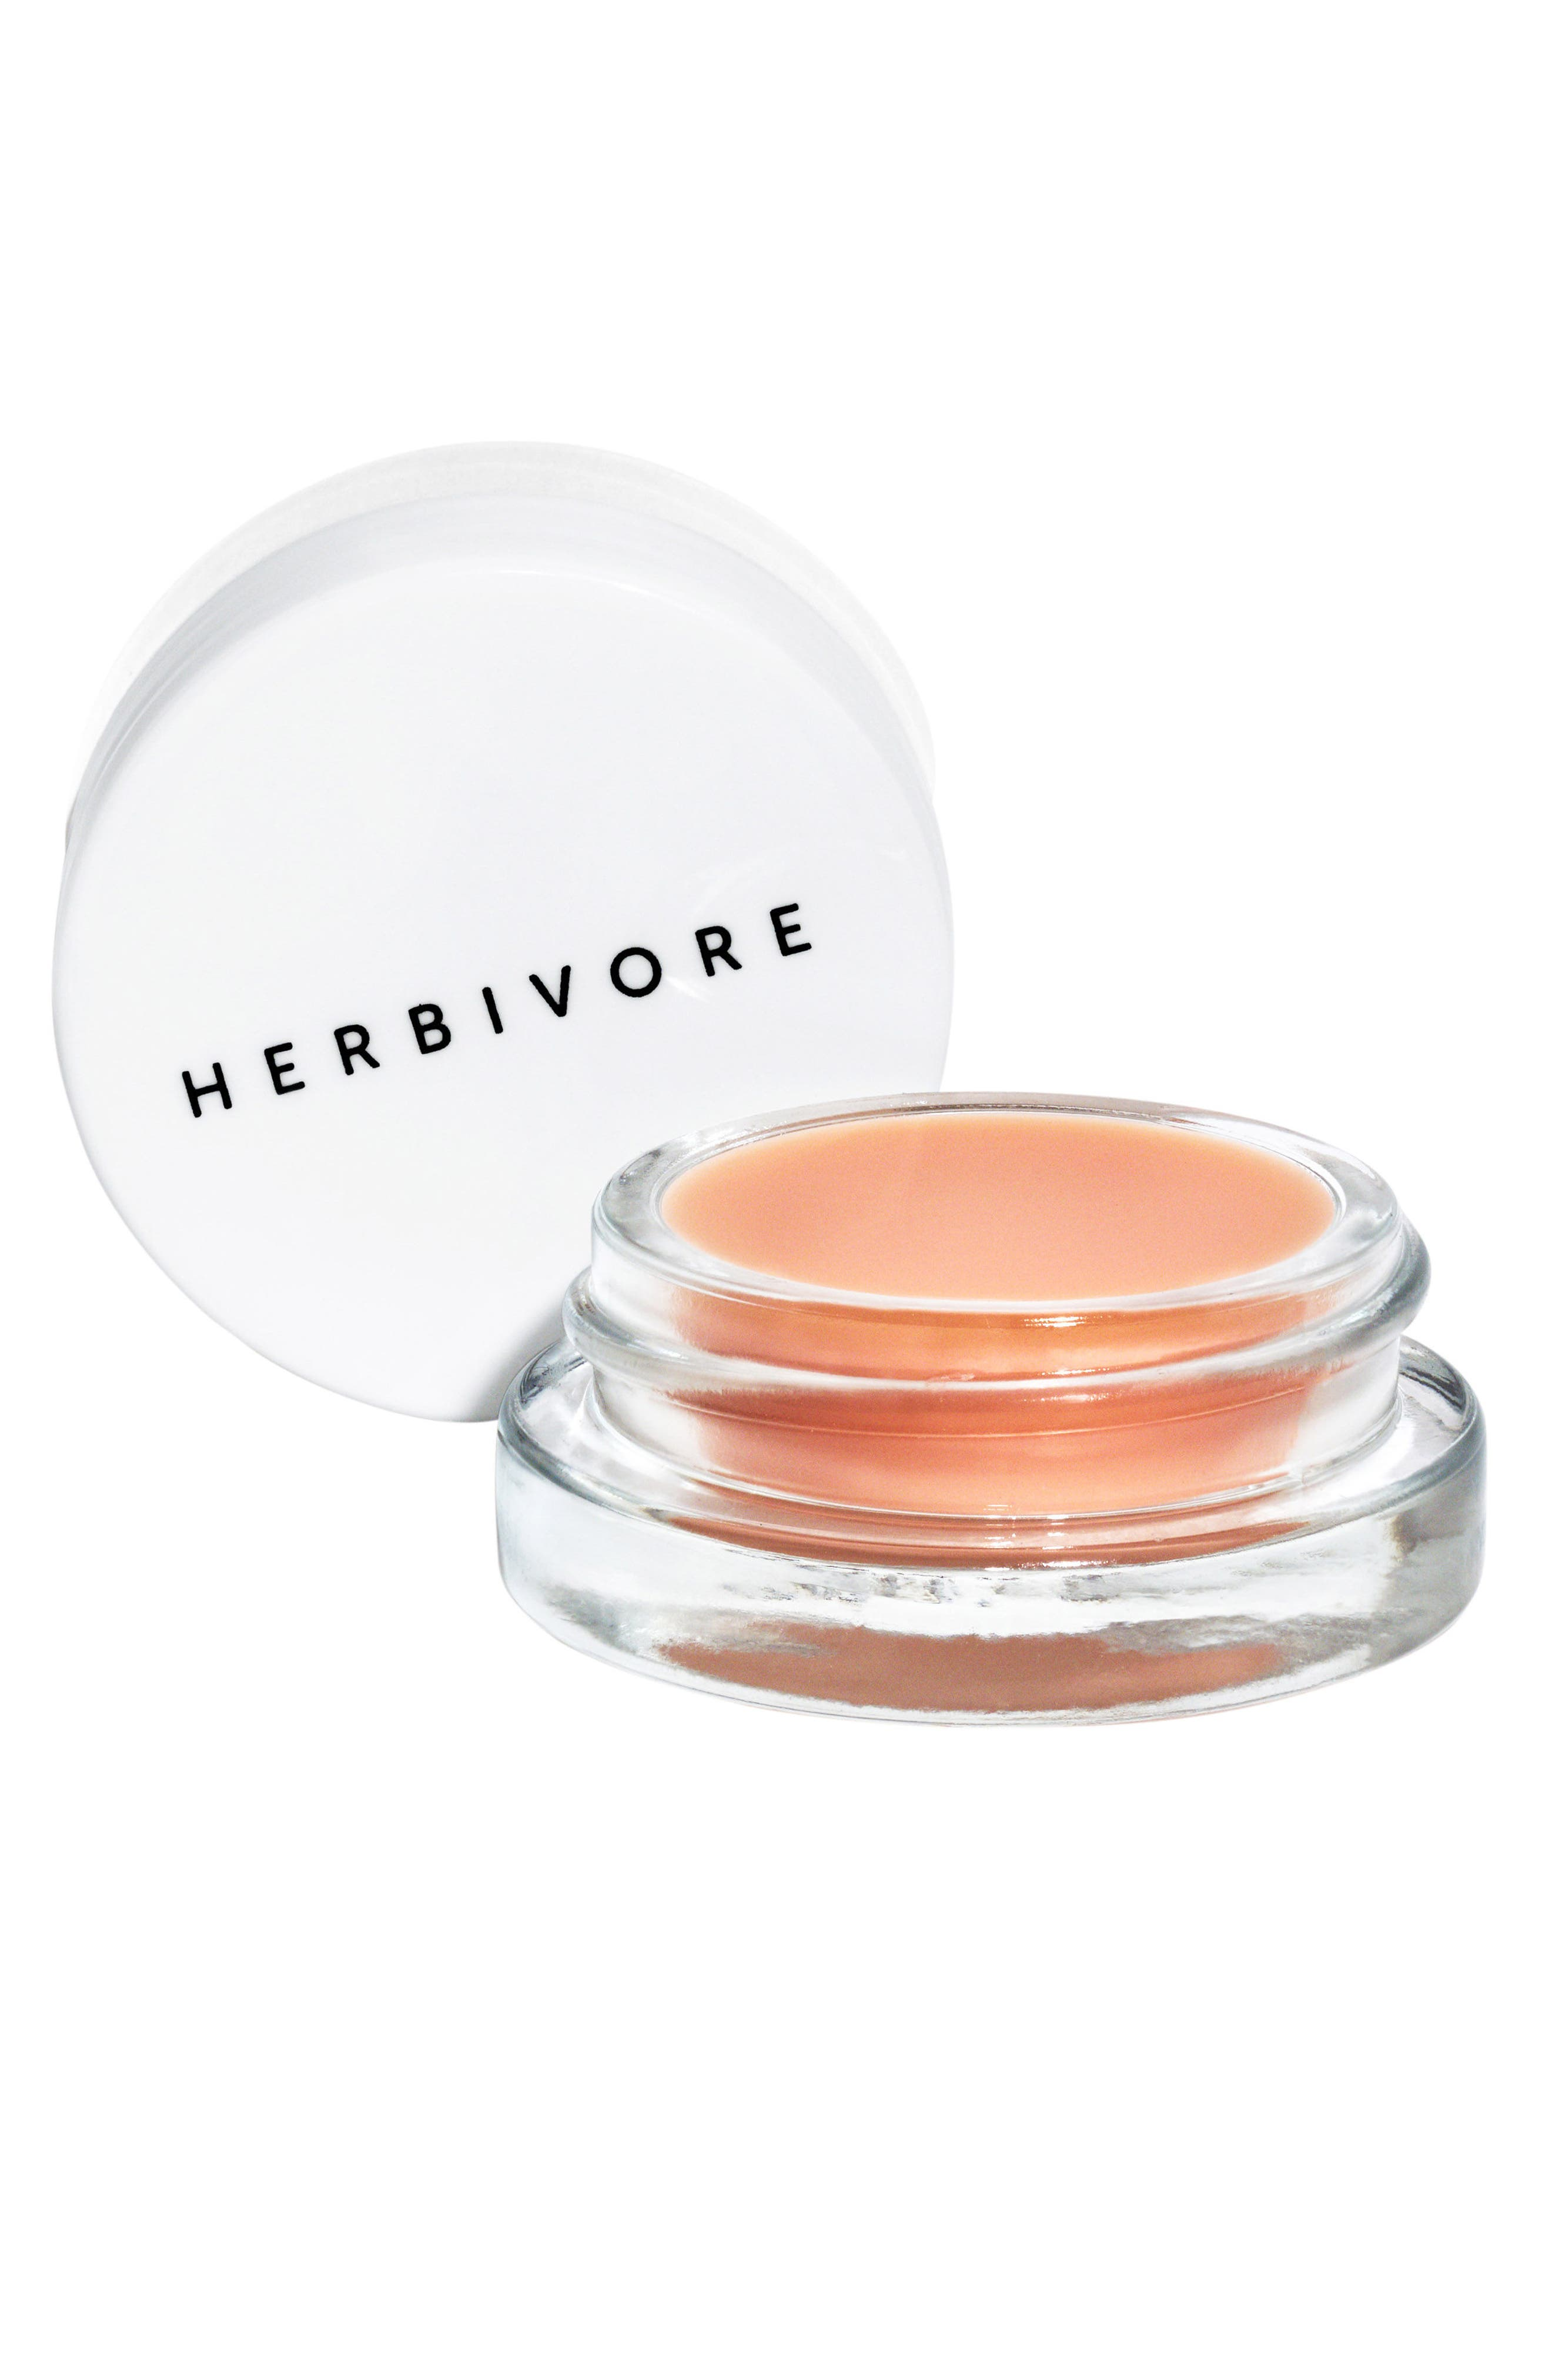 HERBIVORE BOTANICALS Coco Rose Lip Conditioner, Main, color, NONE